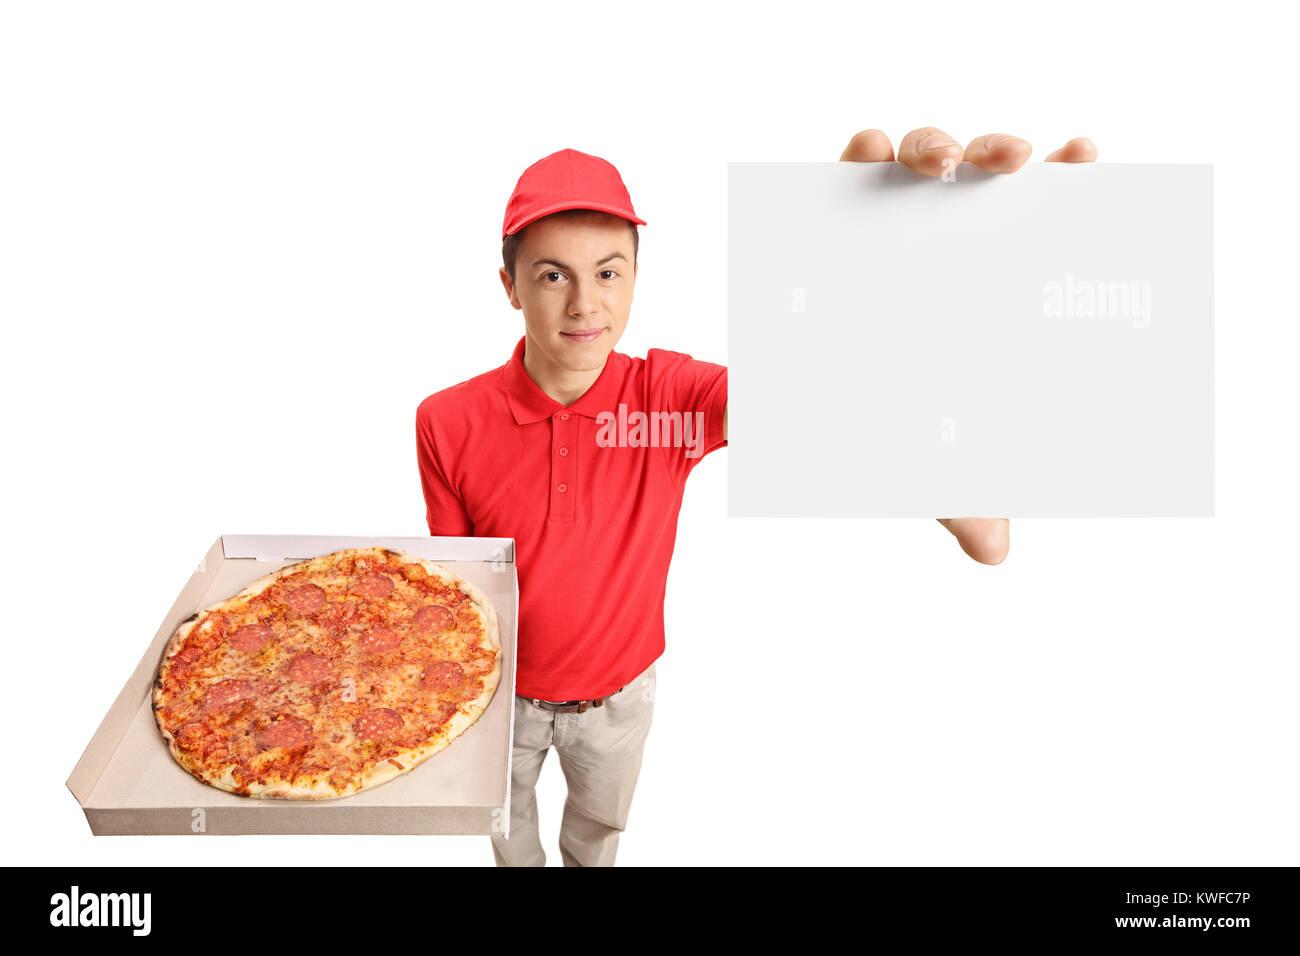 Entrega de pizza adolescente niño sosteniendo una caja de pizza y ...